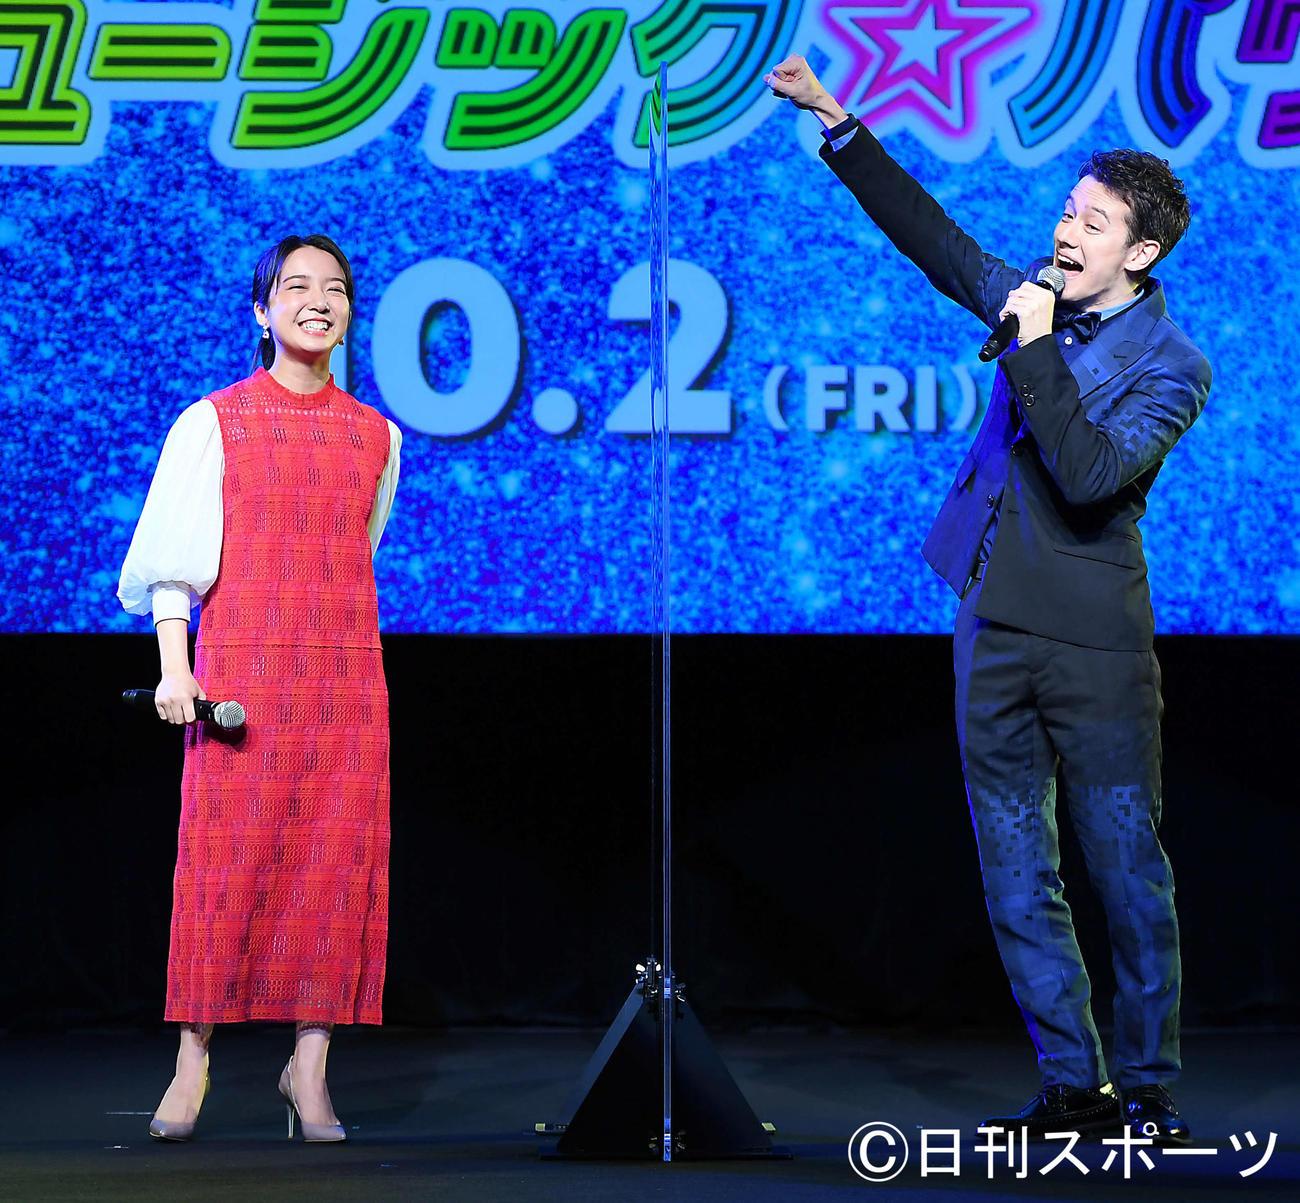 映画「トロールズミュージック★パワー」の完成披露イベントで歌声を披露した上白石萌音(左)とウエンツ瑛士(撮影・たえ見朱実)